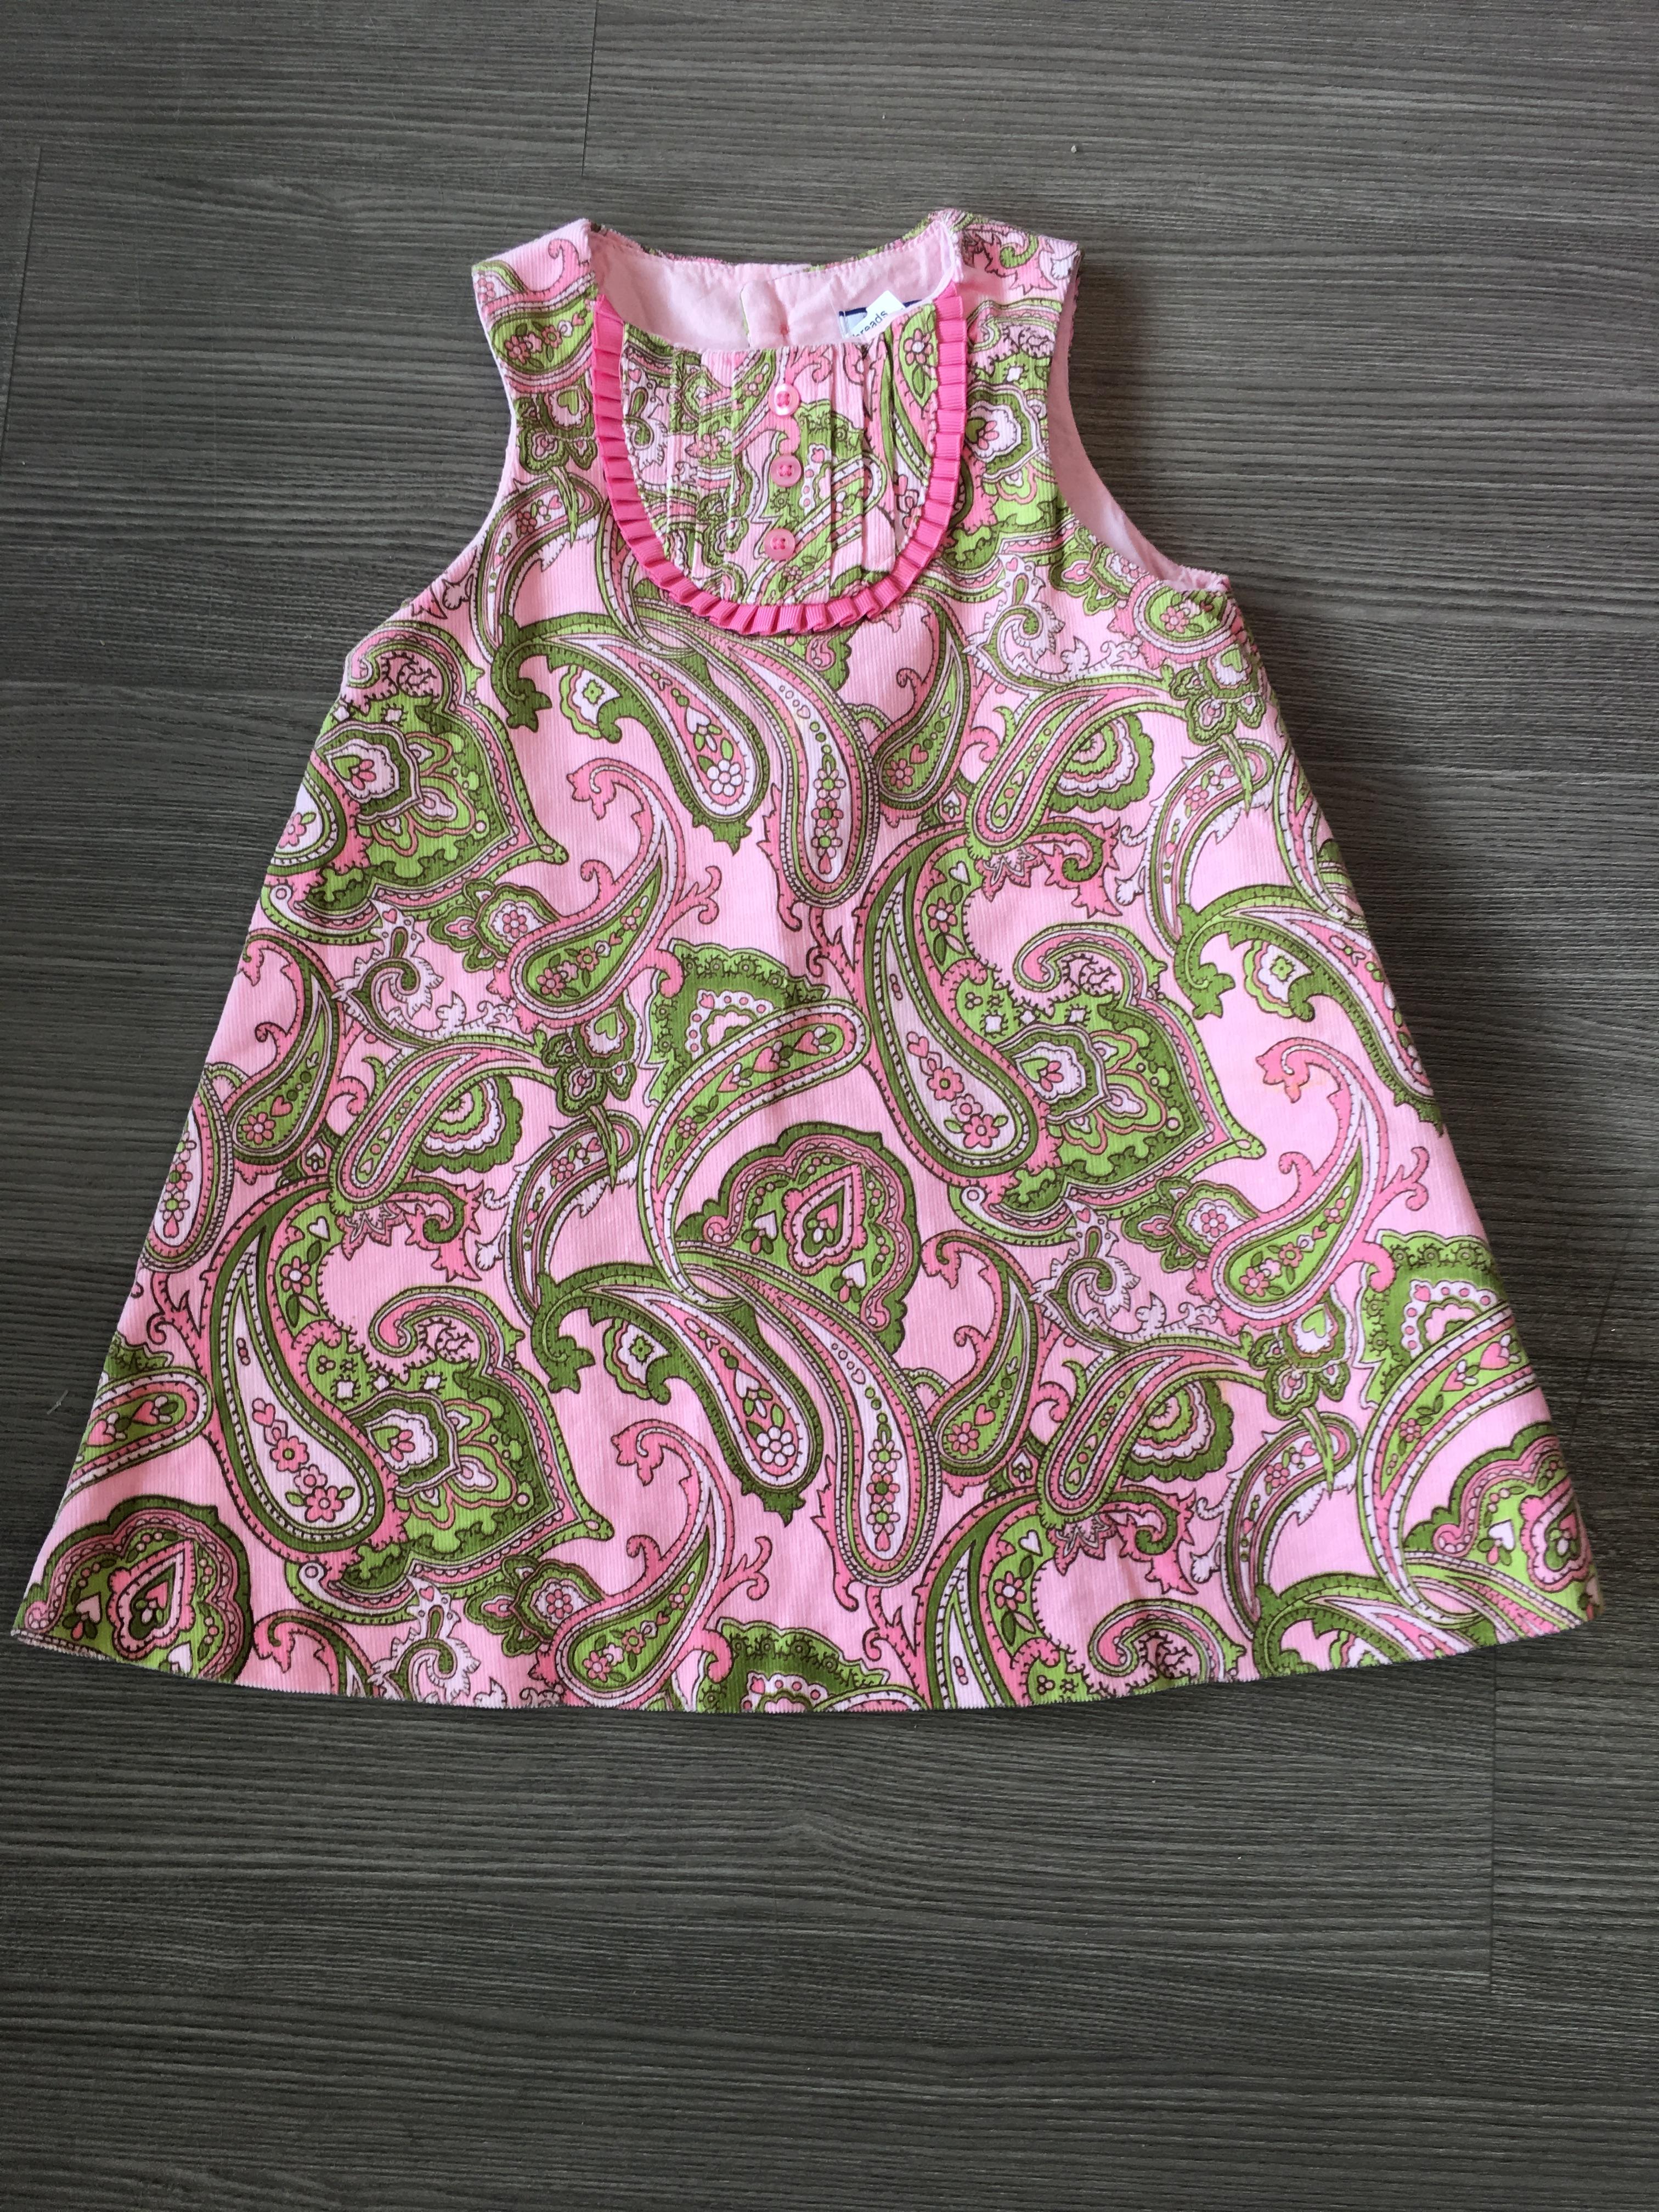 Hartstrings-Size-18-months-Pink-Dress_8836A.jpg